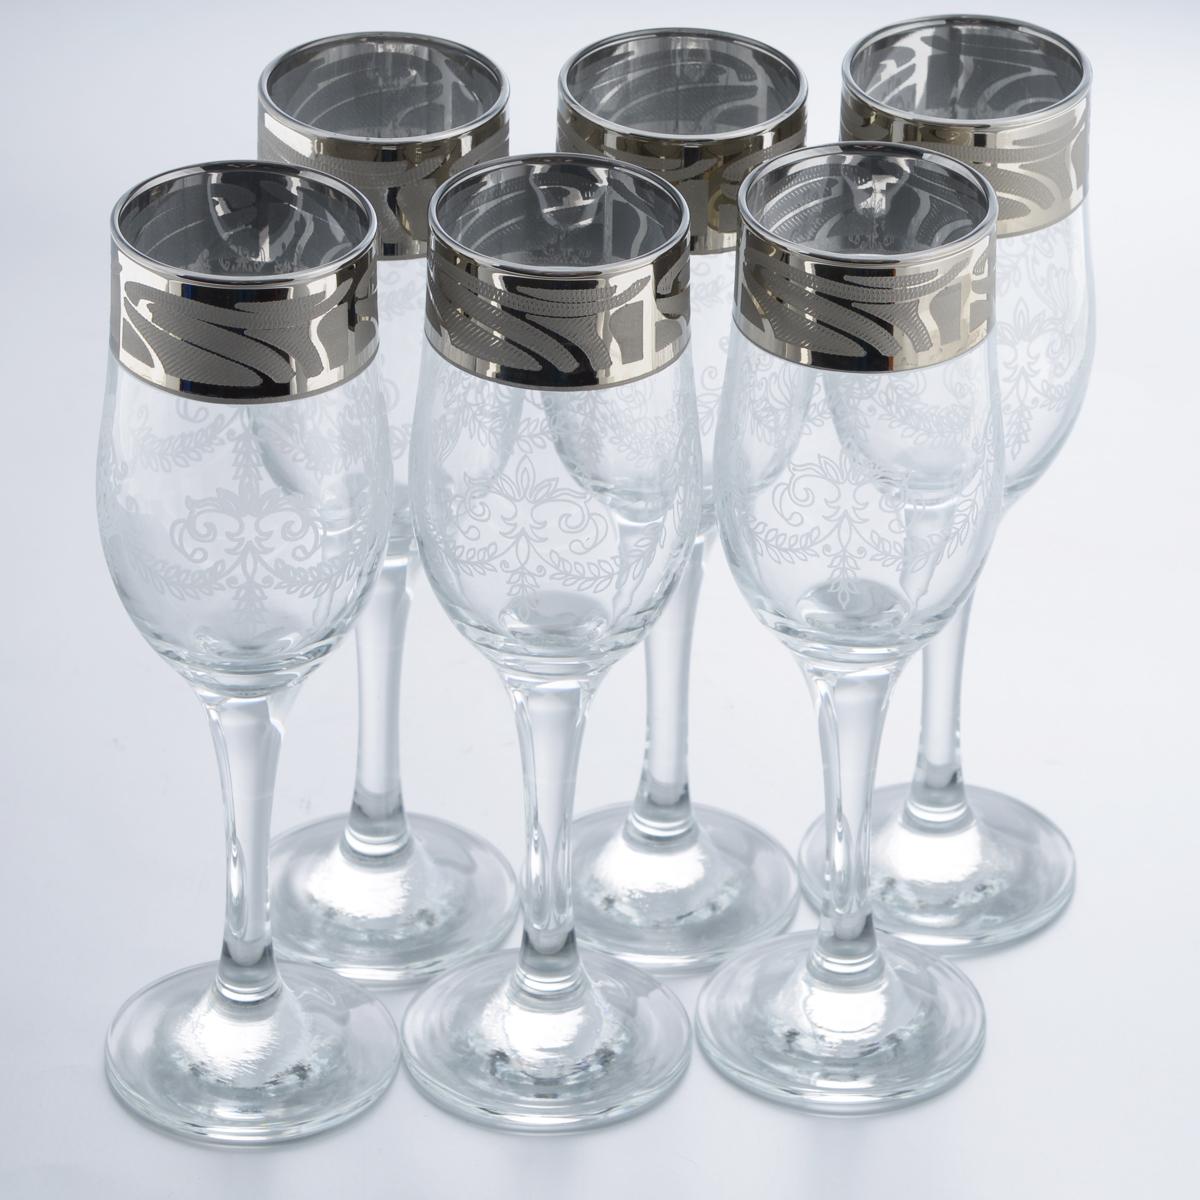 Набор бокалов Гусь-Хрустальный Мускат, 200 мл, 6 штGE05-160Набор Гусь-Хрустальный Мускат состоит из 6 бокалов на длинных тонких ножках, изготовленных из высококачественного натрий-кальций-силикатного стекла. Изделия оформлены красивым зеркальным покрытием и белым матовым орнаментом. Бокалы предназначены для шампанского или вина. Такой набор прекрасно дополнит праздничный стол и станет желанным подарком в любом доме. Разрешается мыть в посудомоечной машине. Диаметр бокала (по верхнему краю): 5 см. Высота бокала: 20 см.